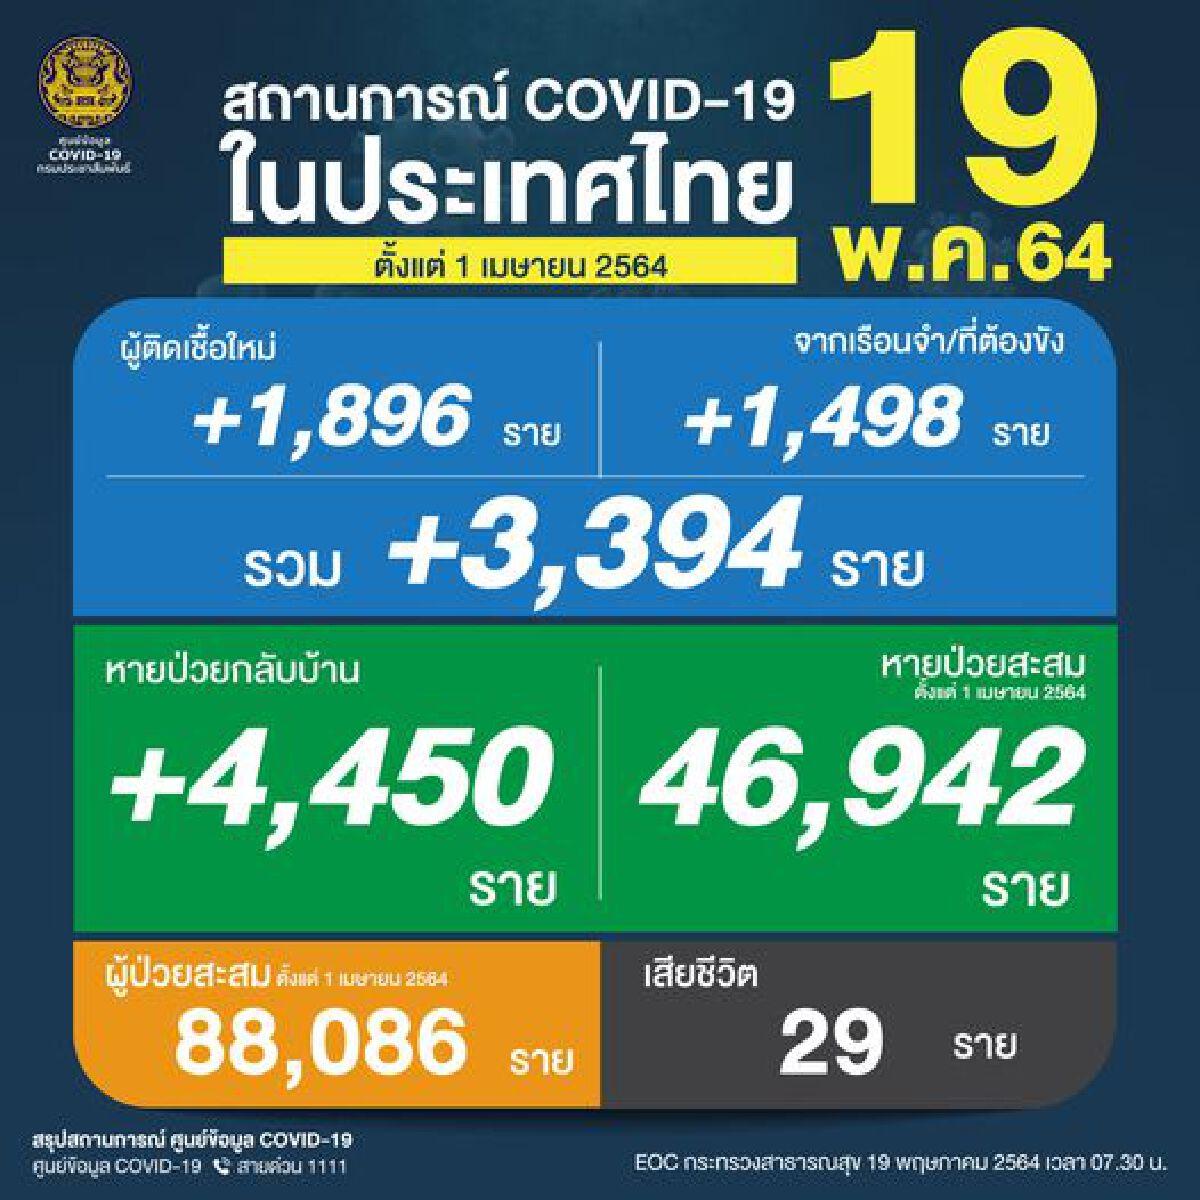 สถานการณ์โควิด-19 วันนี้  ไทยพบผู้ติดเชื้อเพิ่ม 3,394 ราย เสียชีวิต 29 ราย